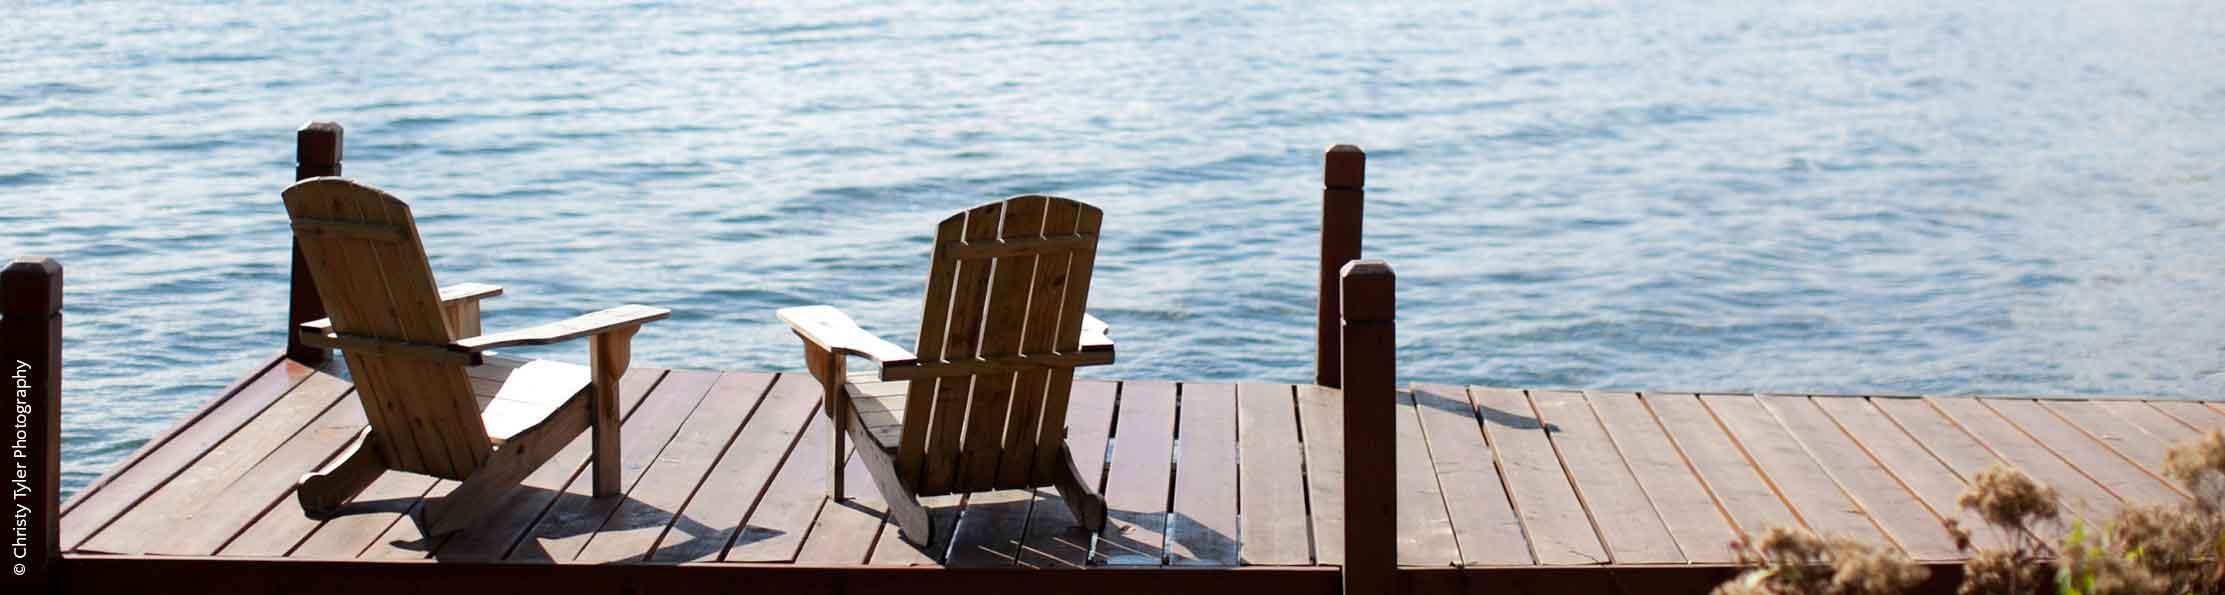 Vacation Green Lake WI